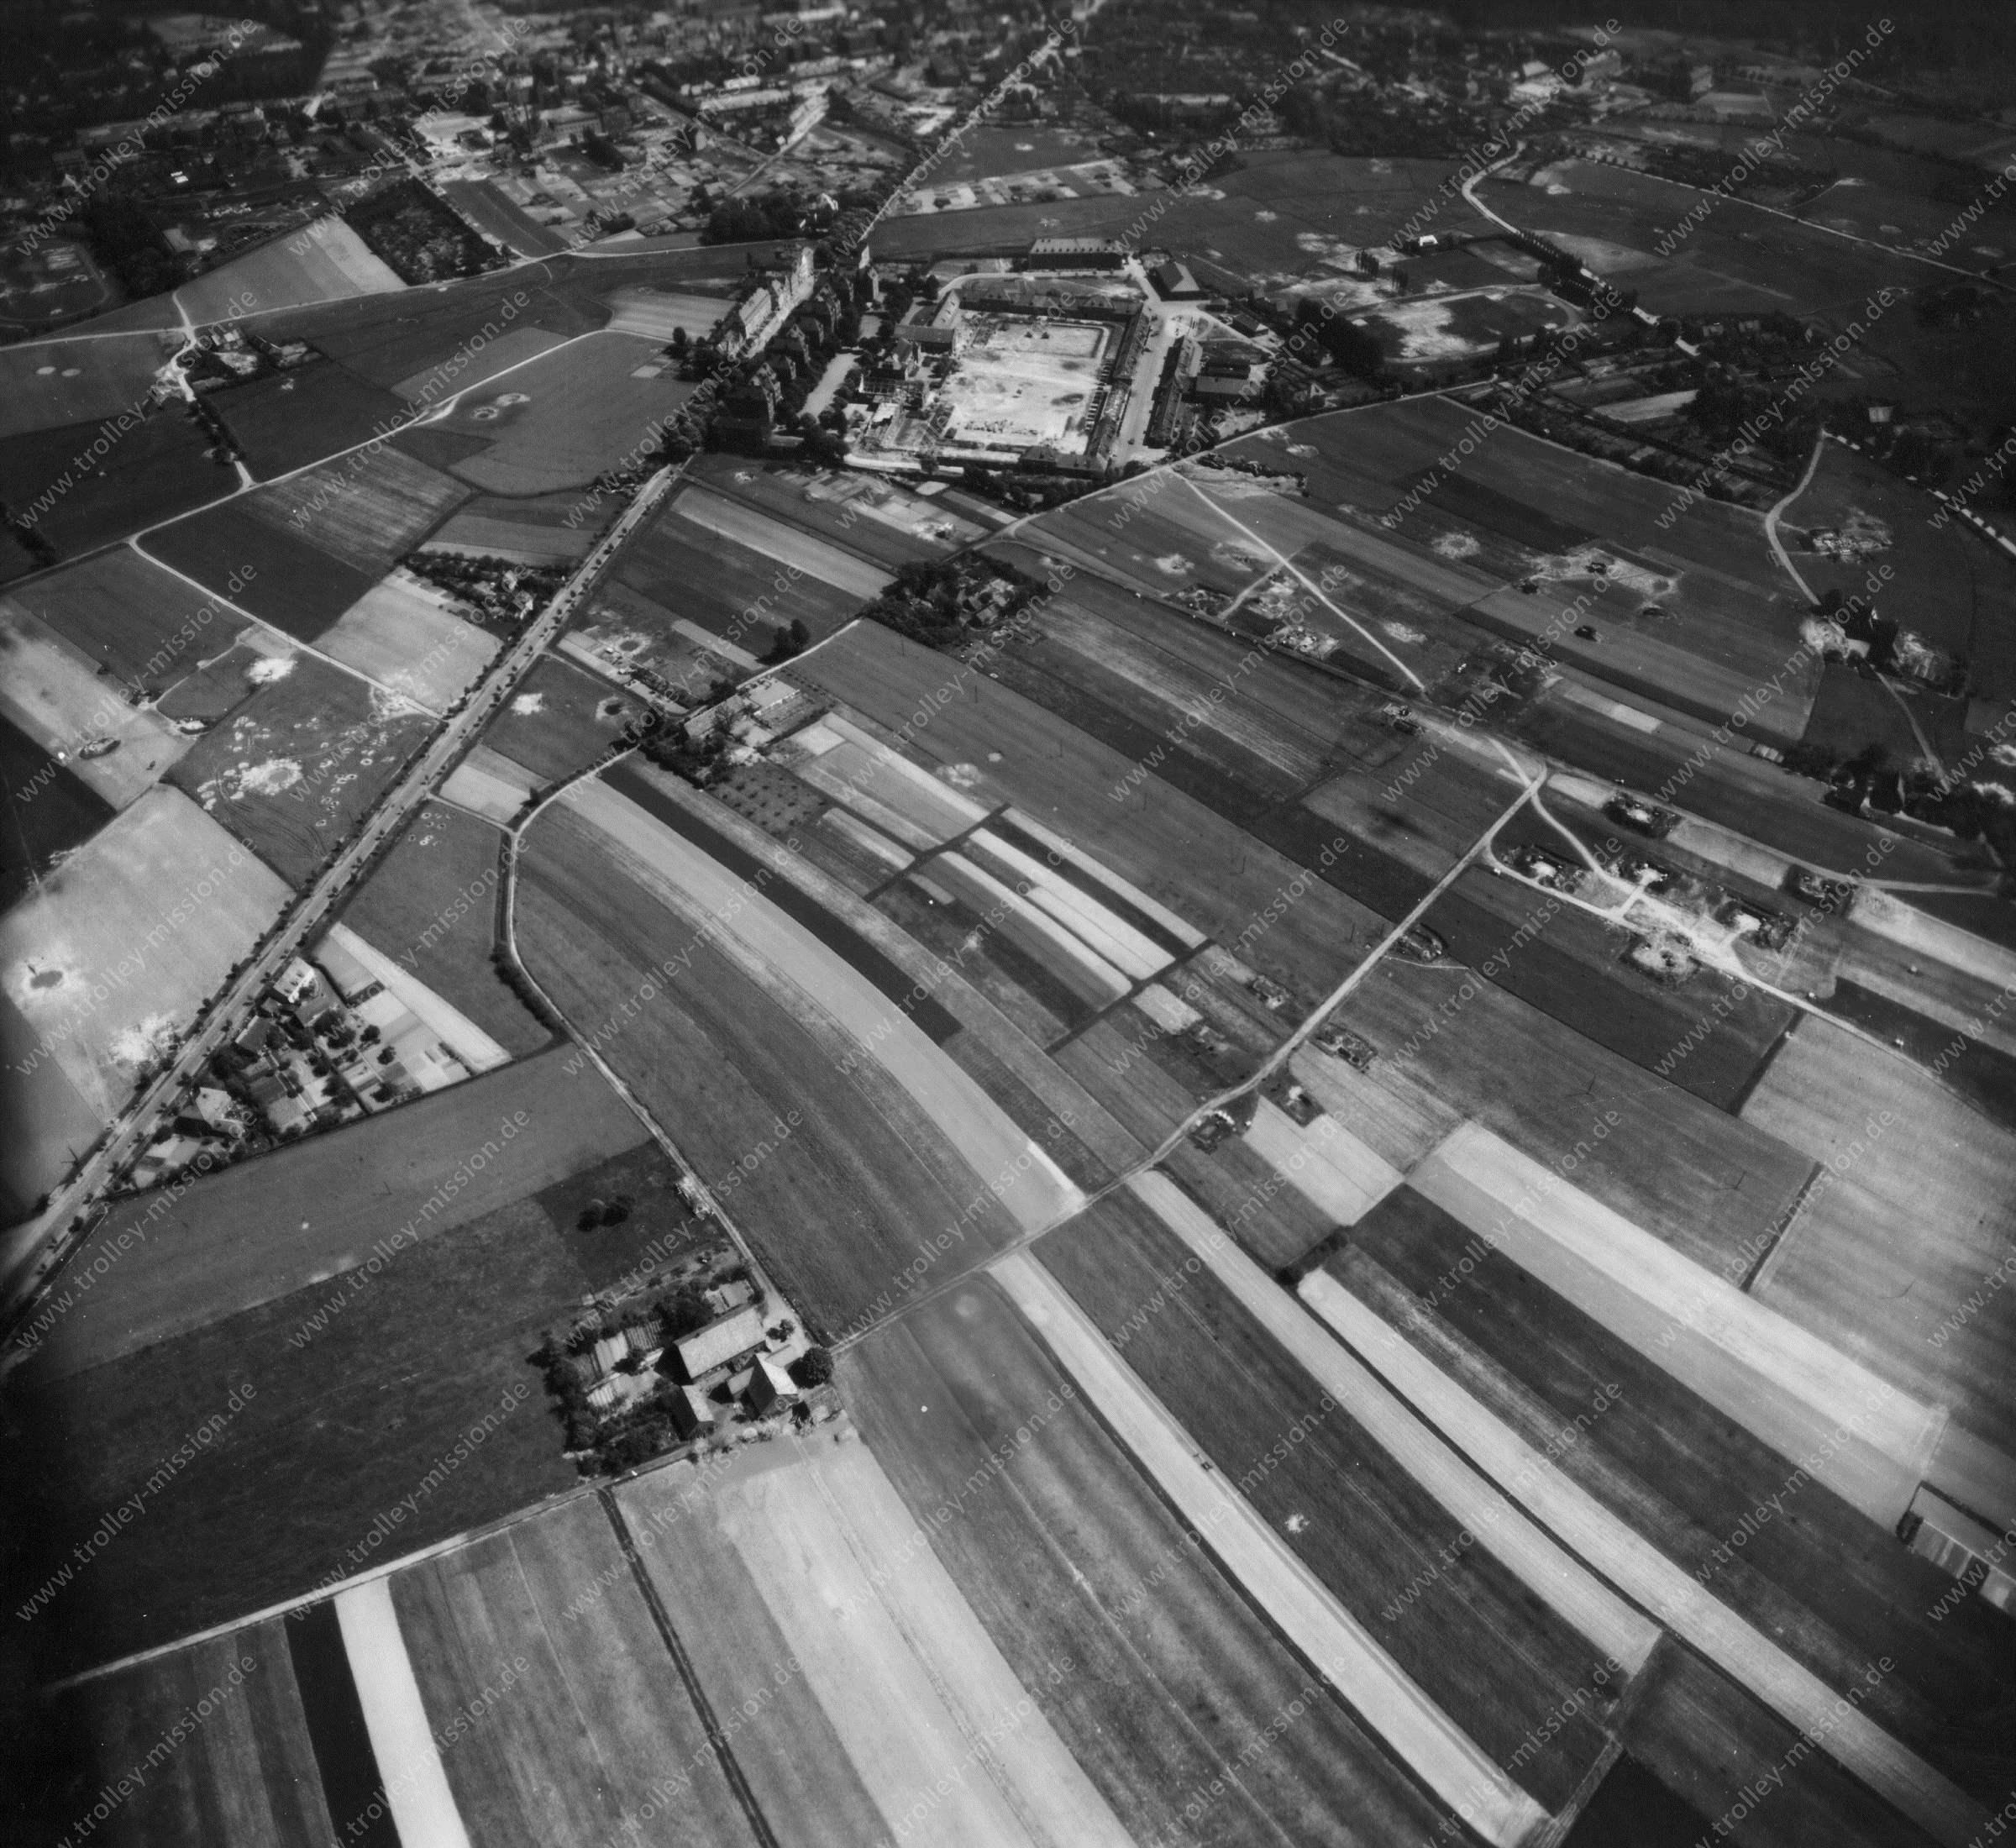 Luftbild von Münster am 12. Mai 1945 - Luftbildserie 1/11 der US Air Force